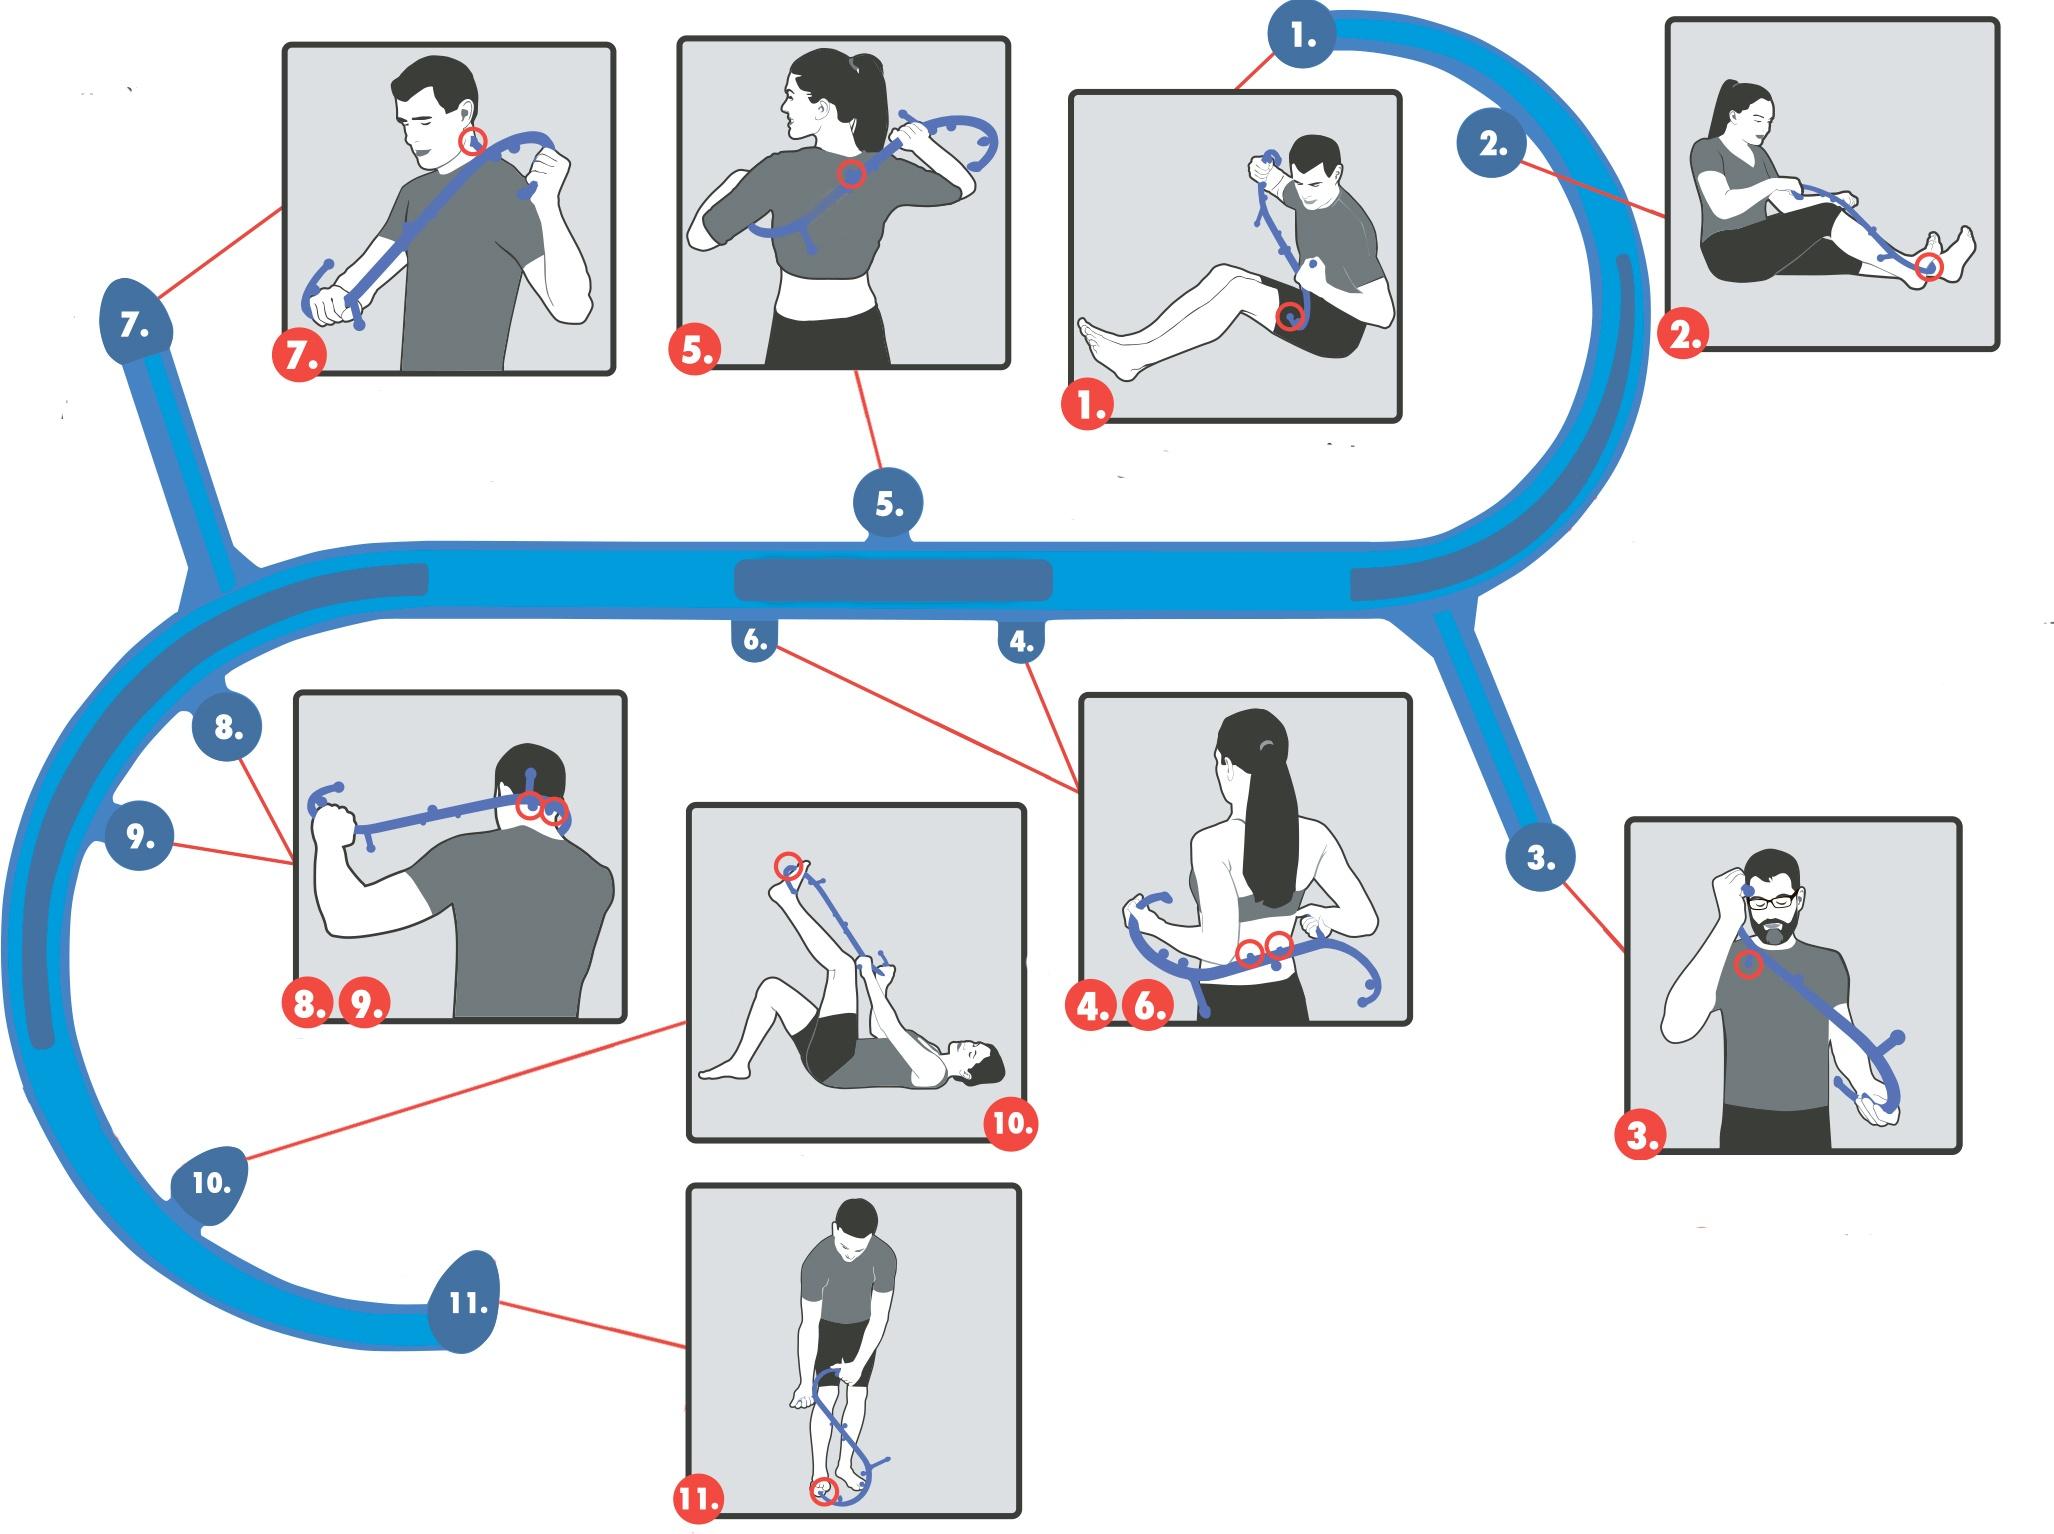 инструкция по применению массажеров BODY BACK BUDDY